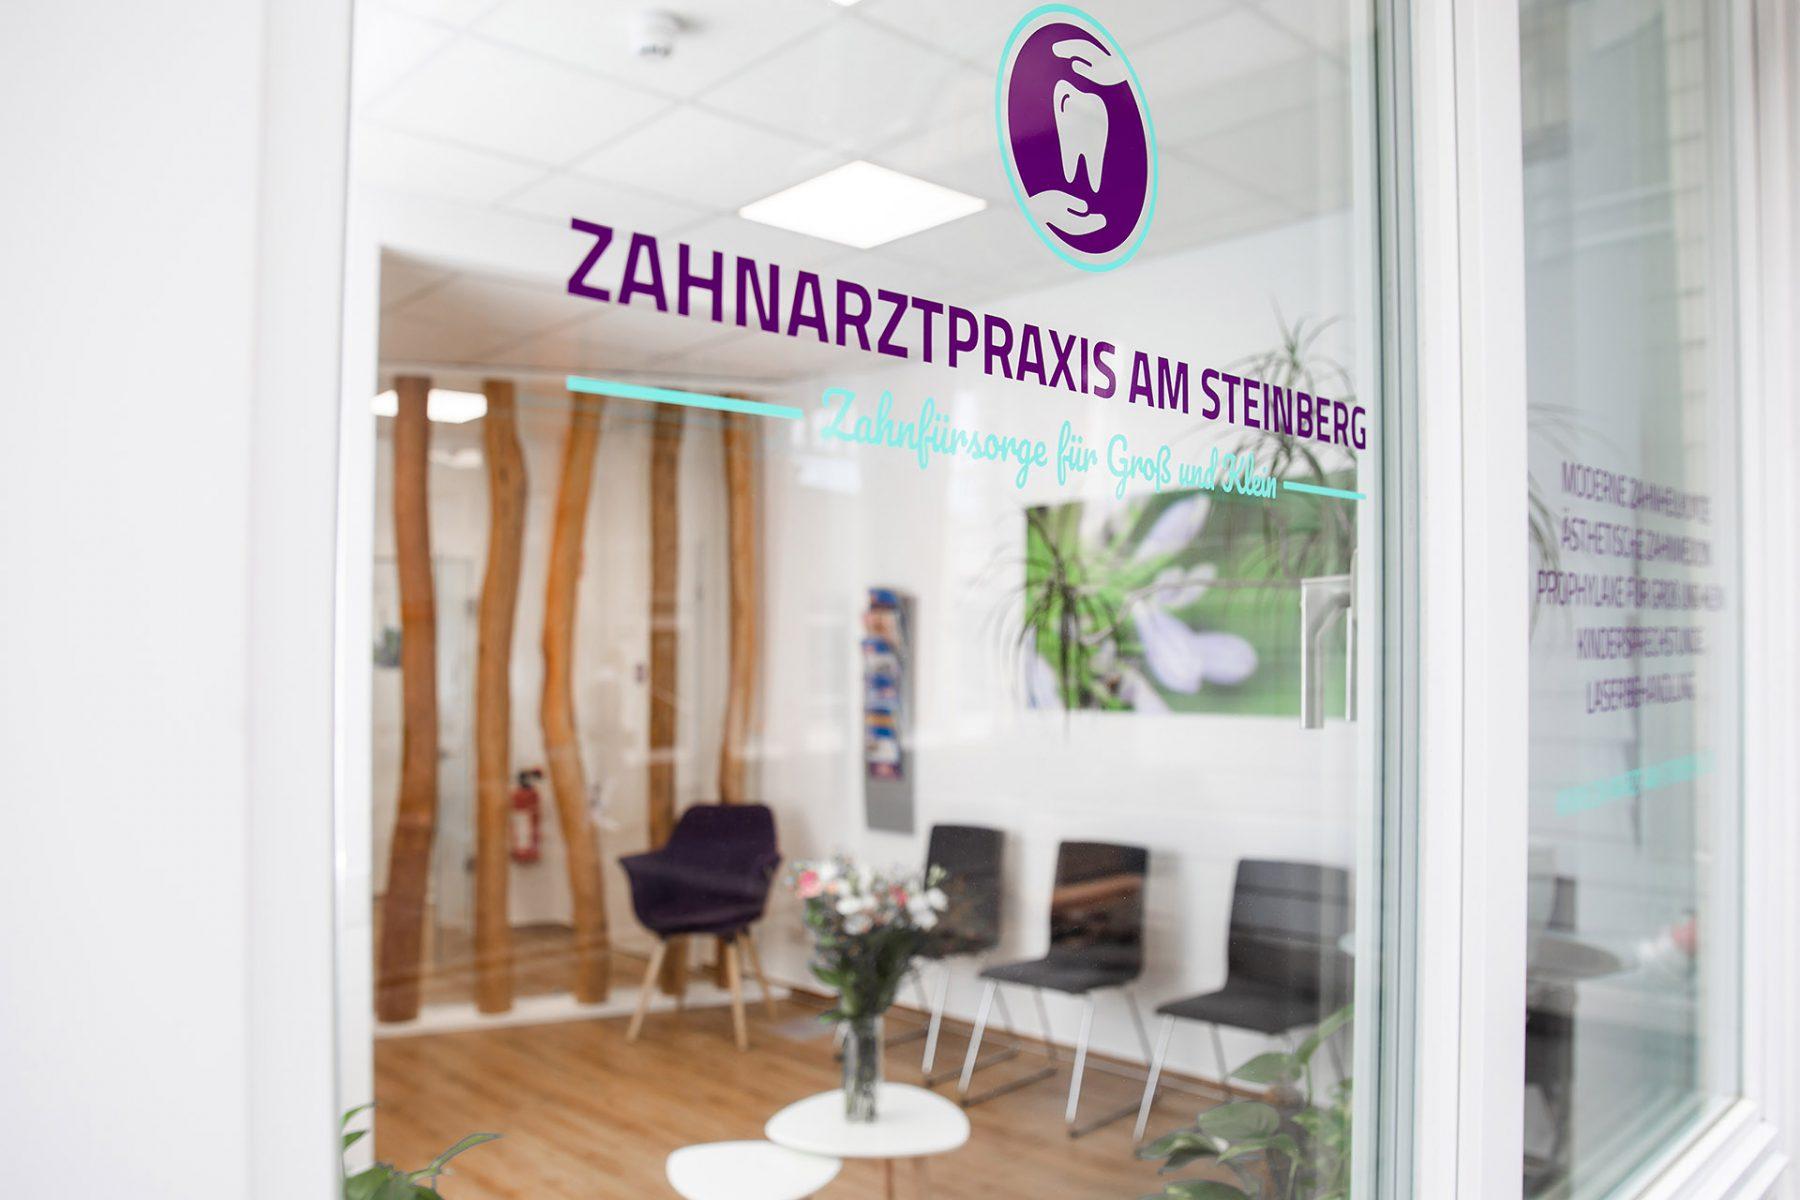 Zahnarzt Weissensee Berlin